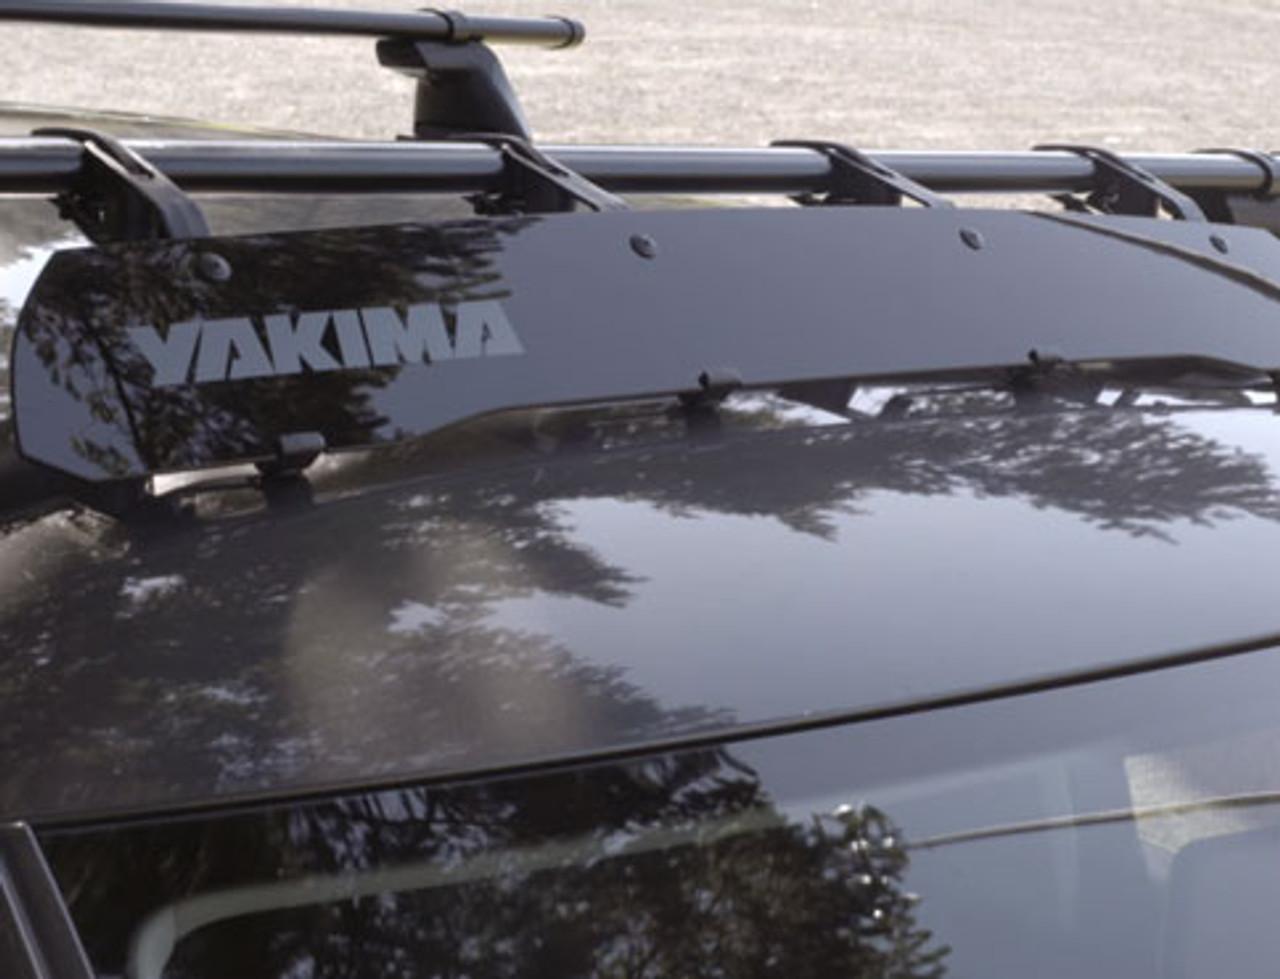 Yakima Windshield Fairing  / Wind Deflector